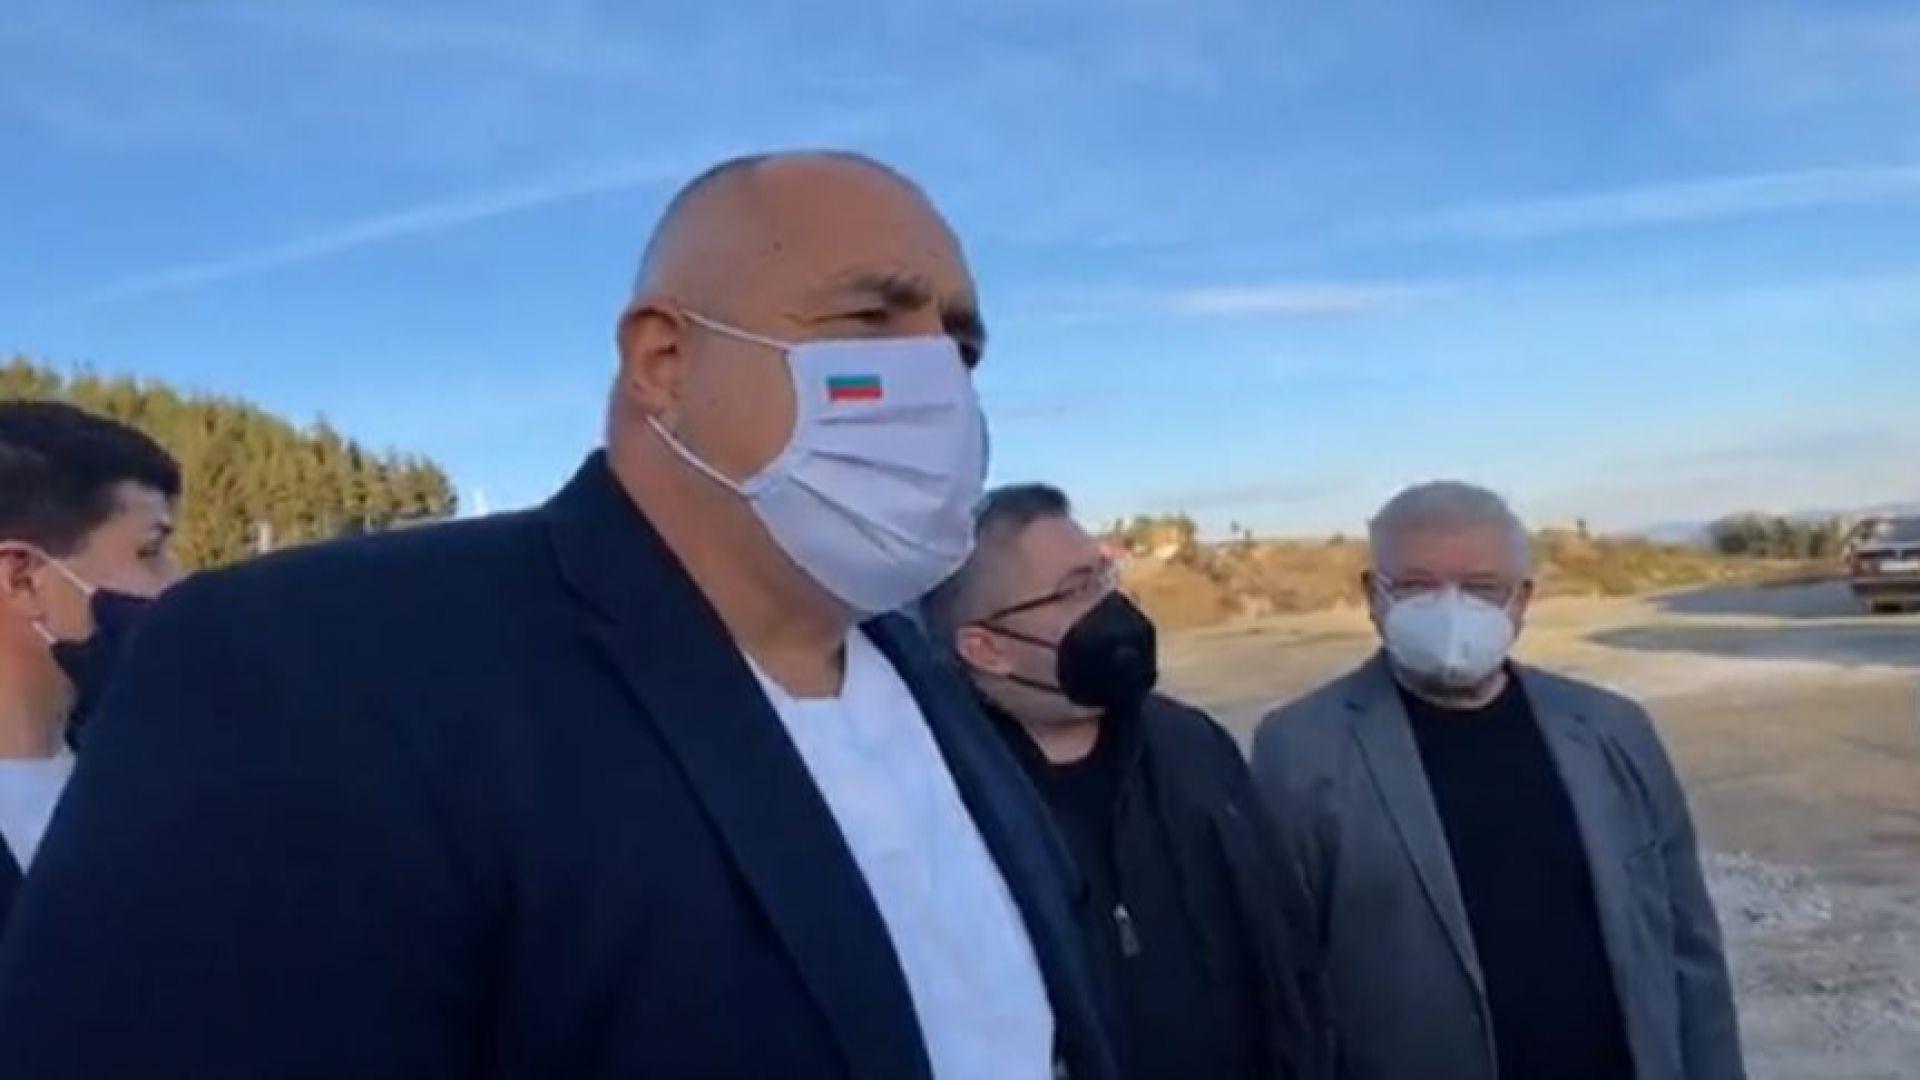 Борисов в Родопите: Гинат хора и потъват икономики, по-лесно щеше да е с бомби (обновена/видео)